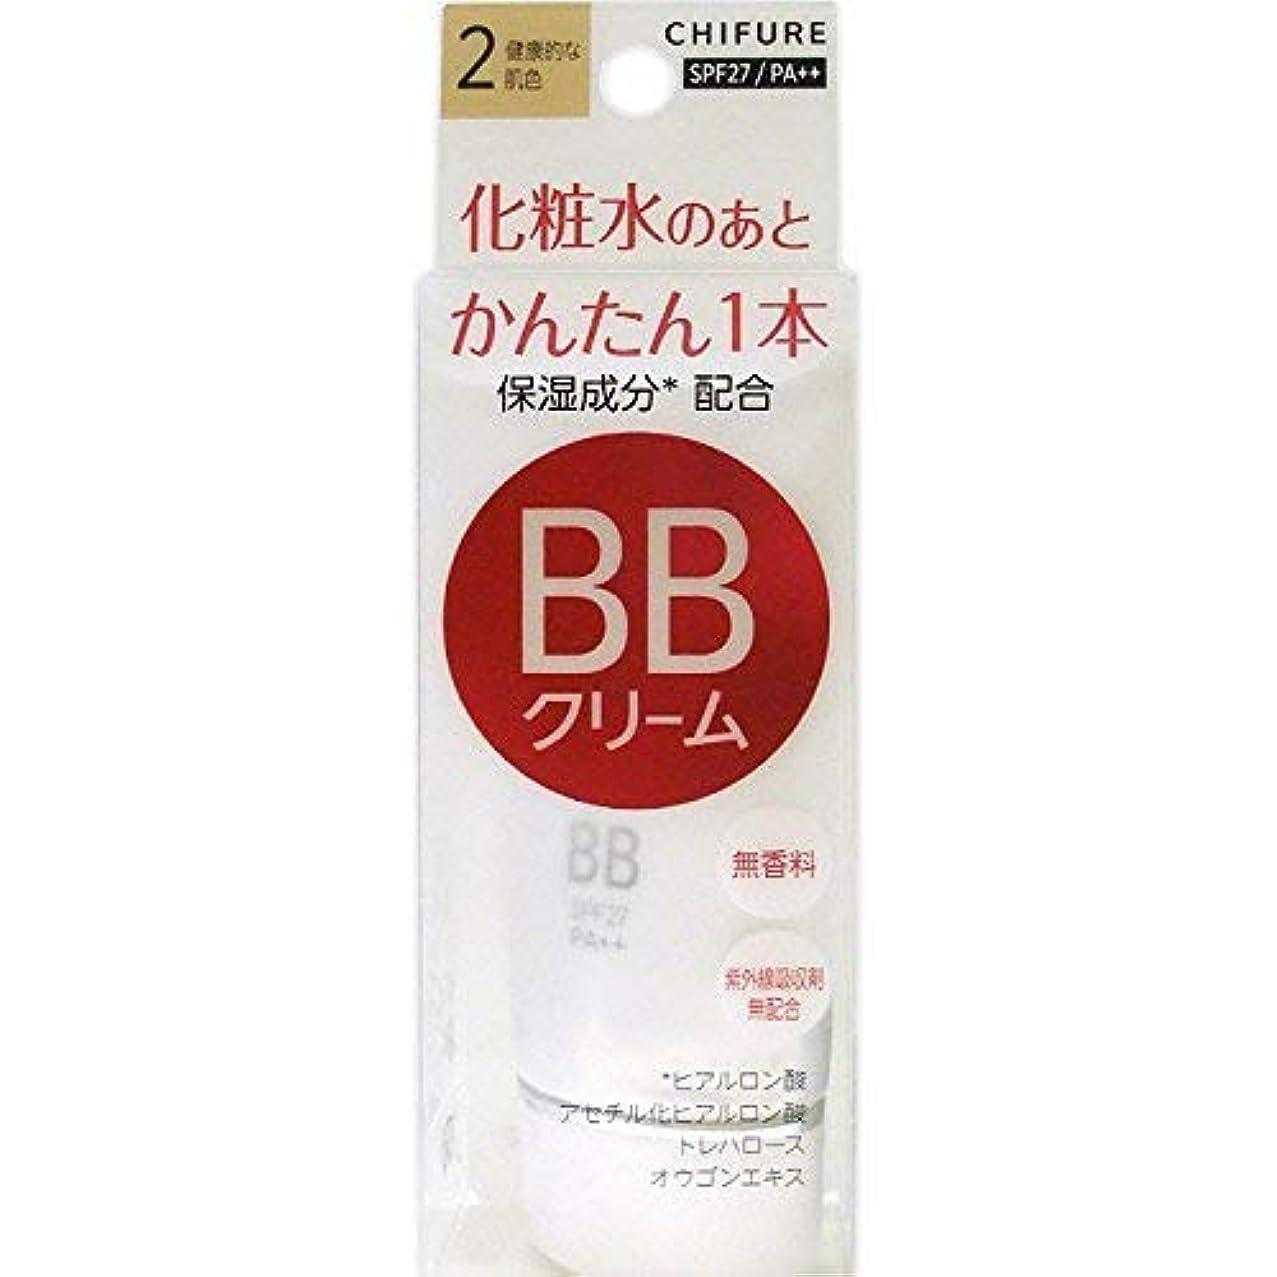 ムスタチオ専門用語案件ちふれ化粧品 BB クリーム 2 健康的な肌色 BBクリーム 2